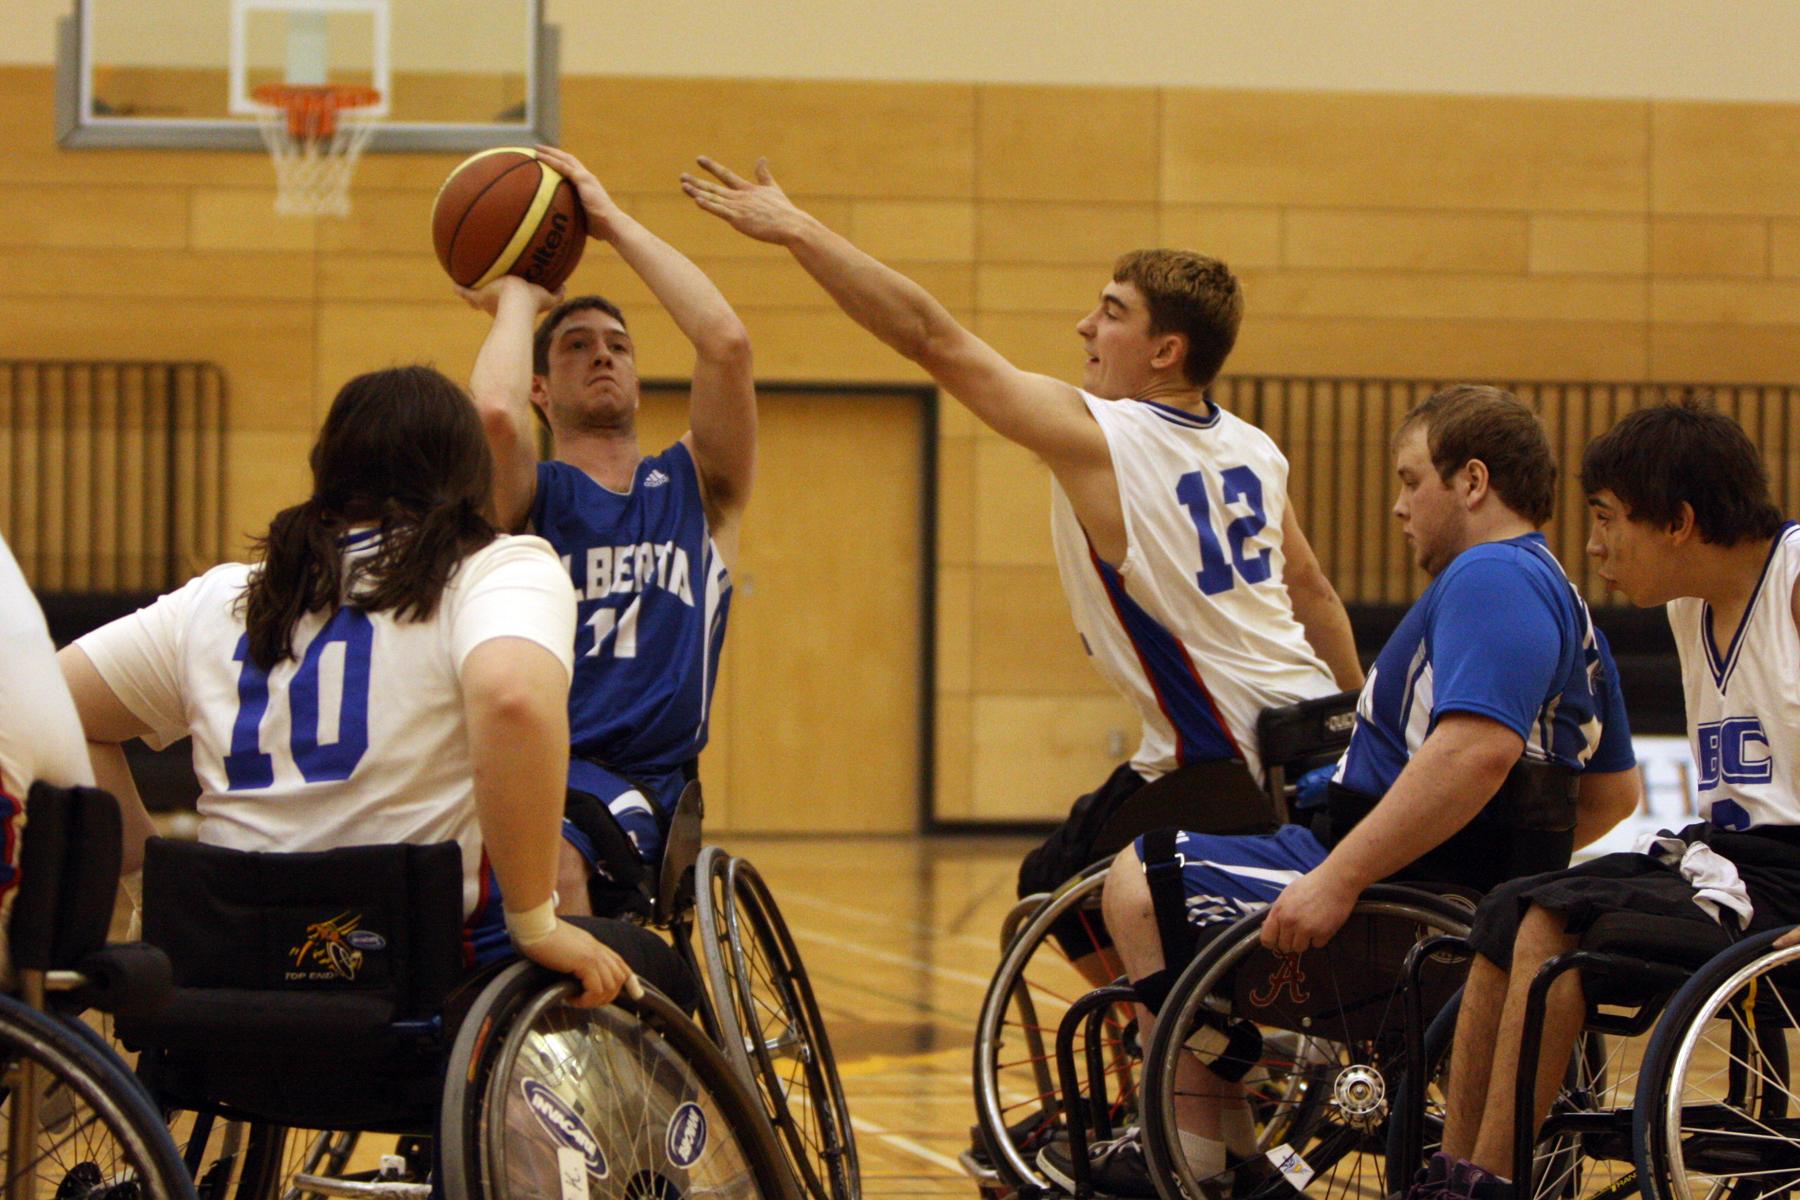 victoire de la c b contre l alberta en basketball en fauteuil roulant des jeux du canada